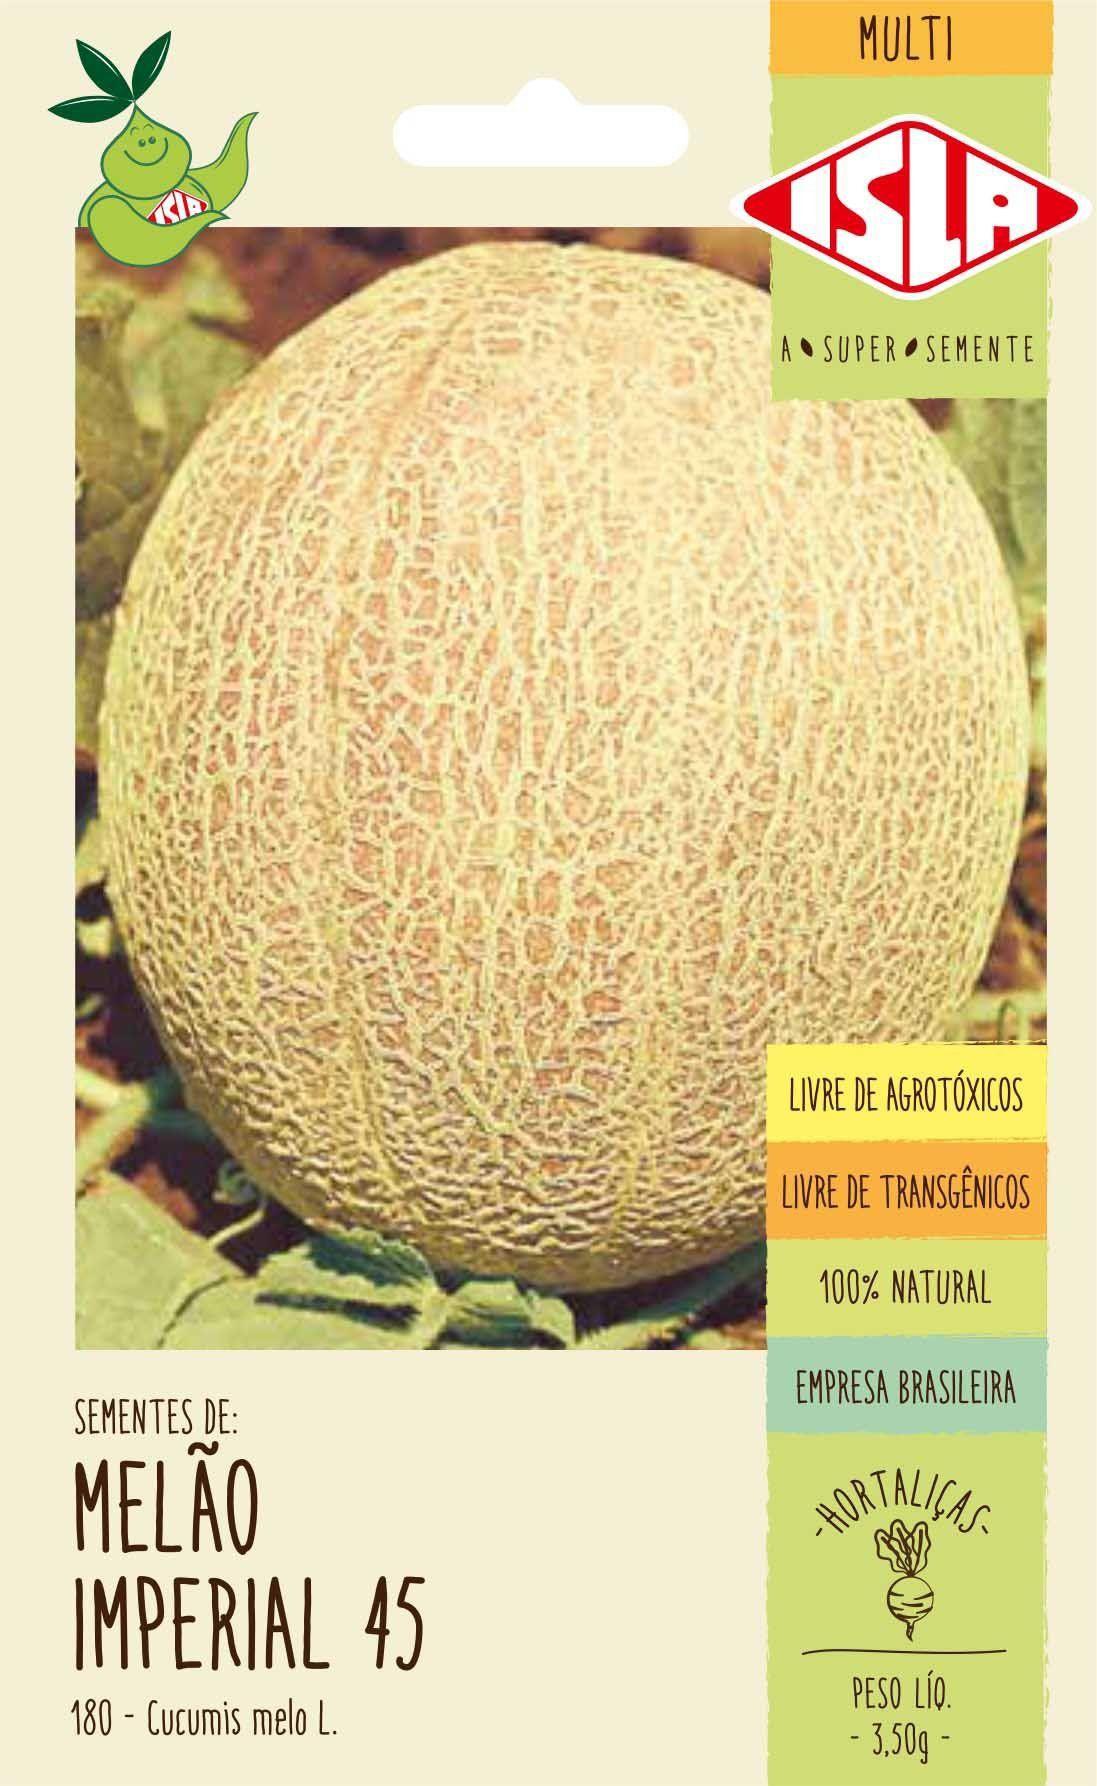 Sementes de Melão Imperial 45 - Isla Multi